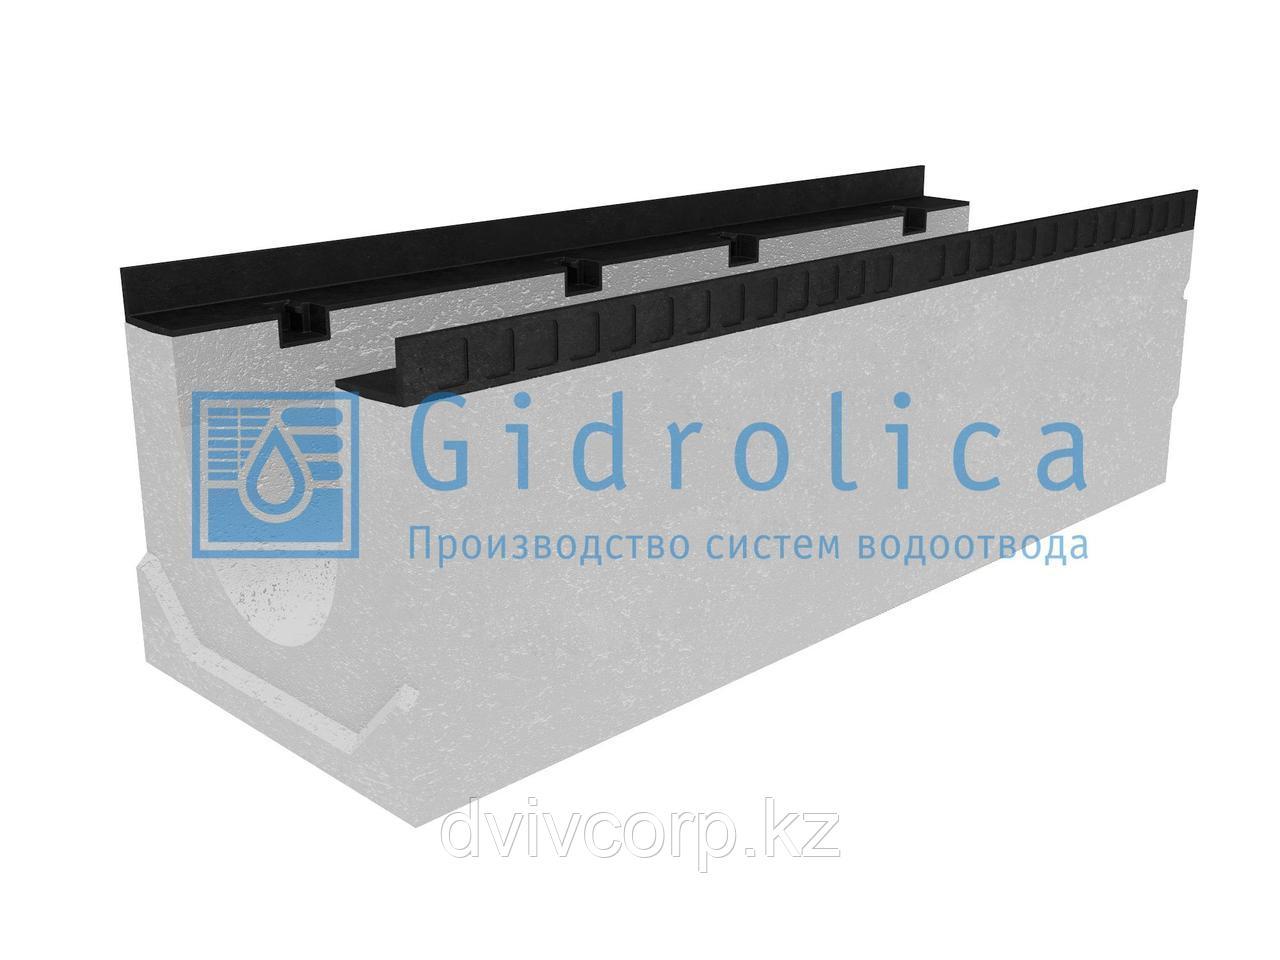 Лоток водоотводный бетонный коробчатый (СО-200мм), с уклоном 0,5%  КUу 100.34(20).31,5(24,5) - BGМ, № 1